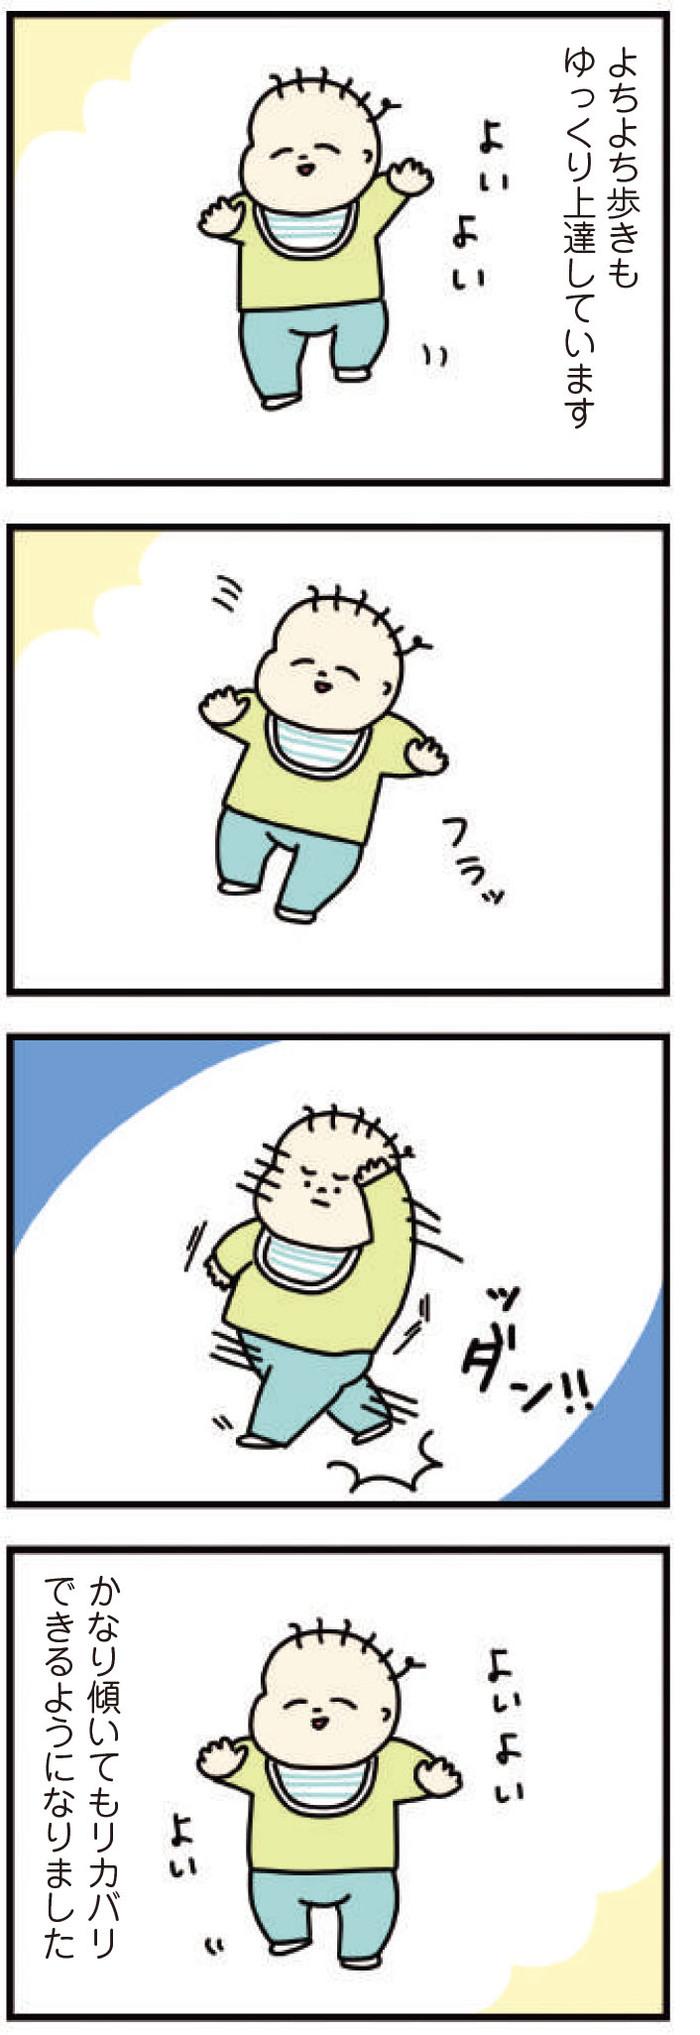 よいよいよい、からのダンッ!!1歳児の決めポーズがチョーかっこいいの画像1